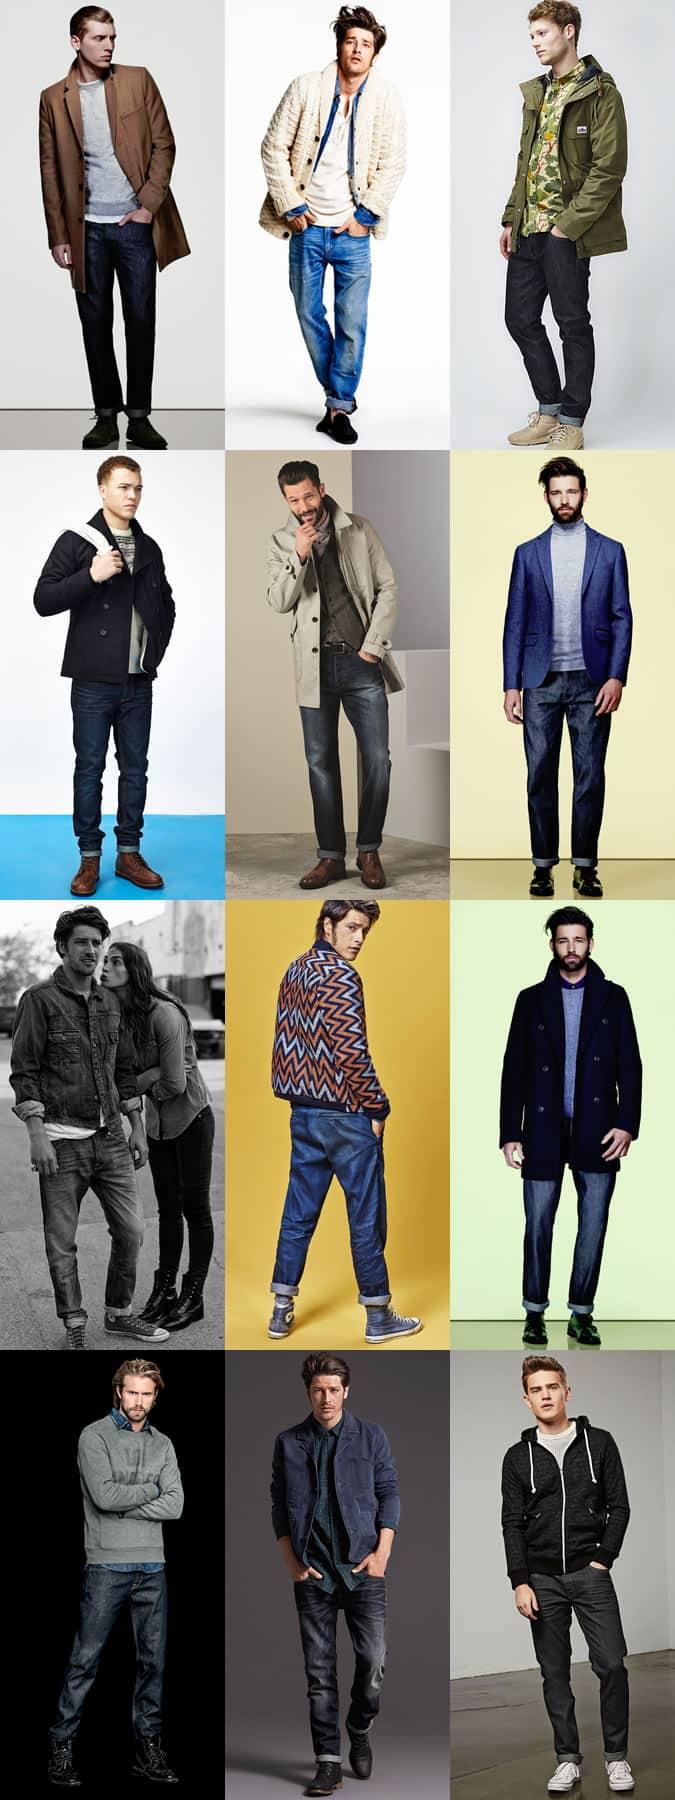 Lookbook d'inspiration décontractée pour jeans